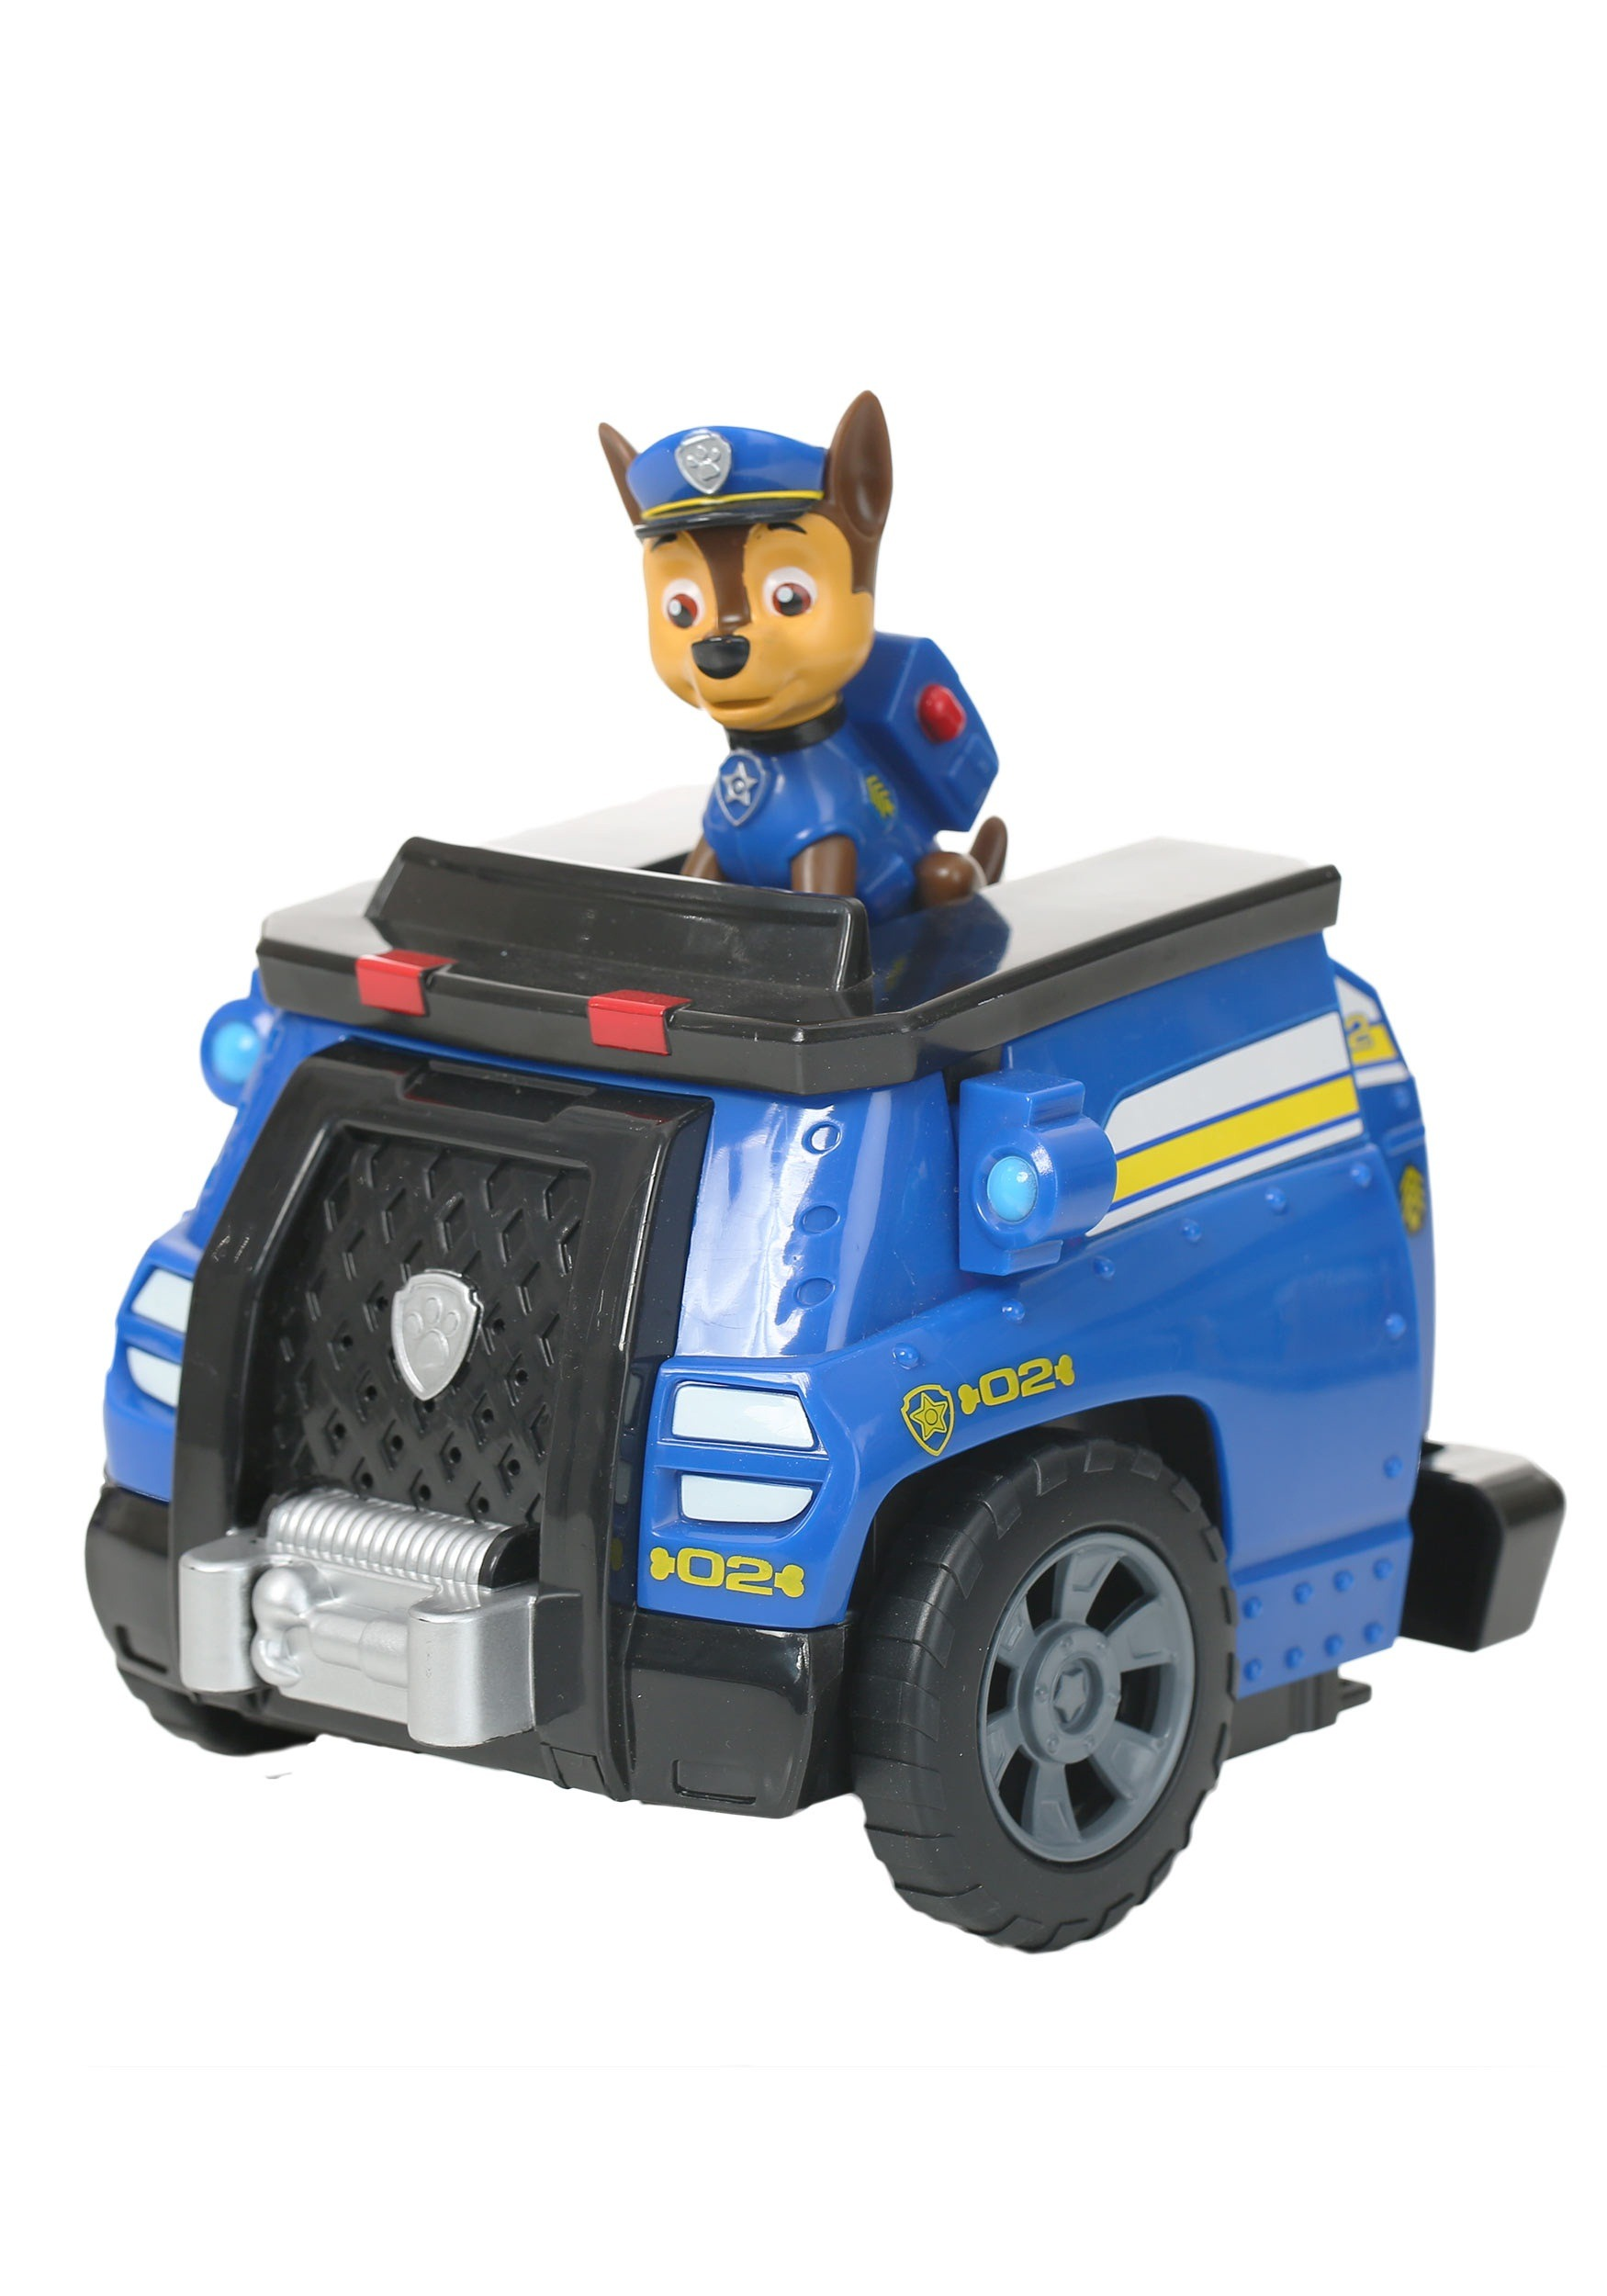 paw patrol chase transforming vehicle